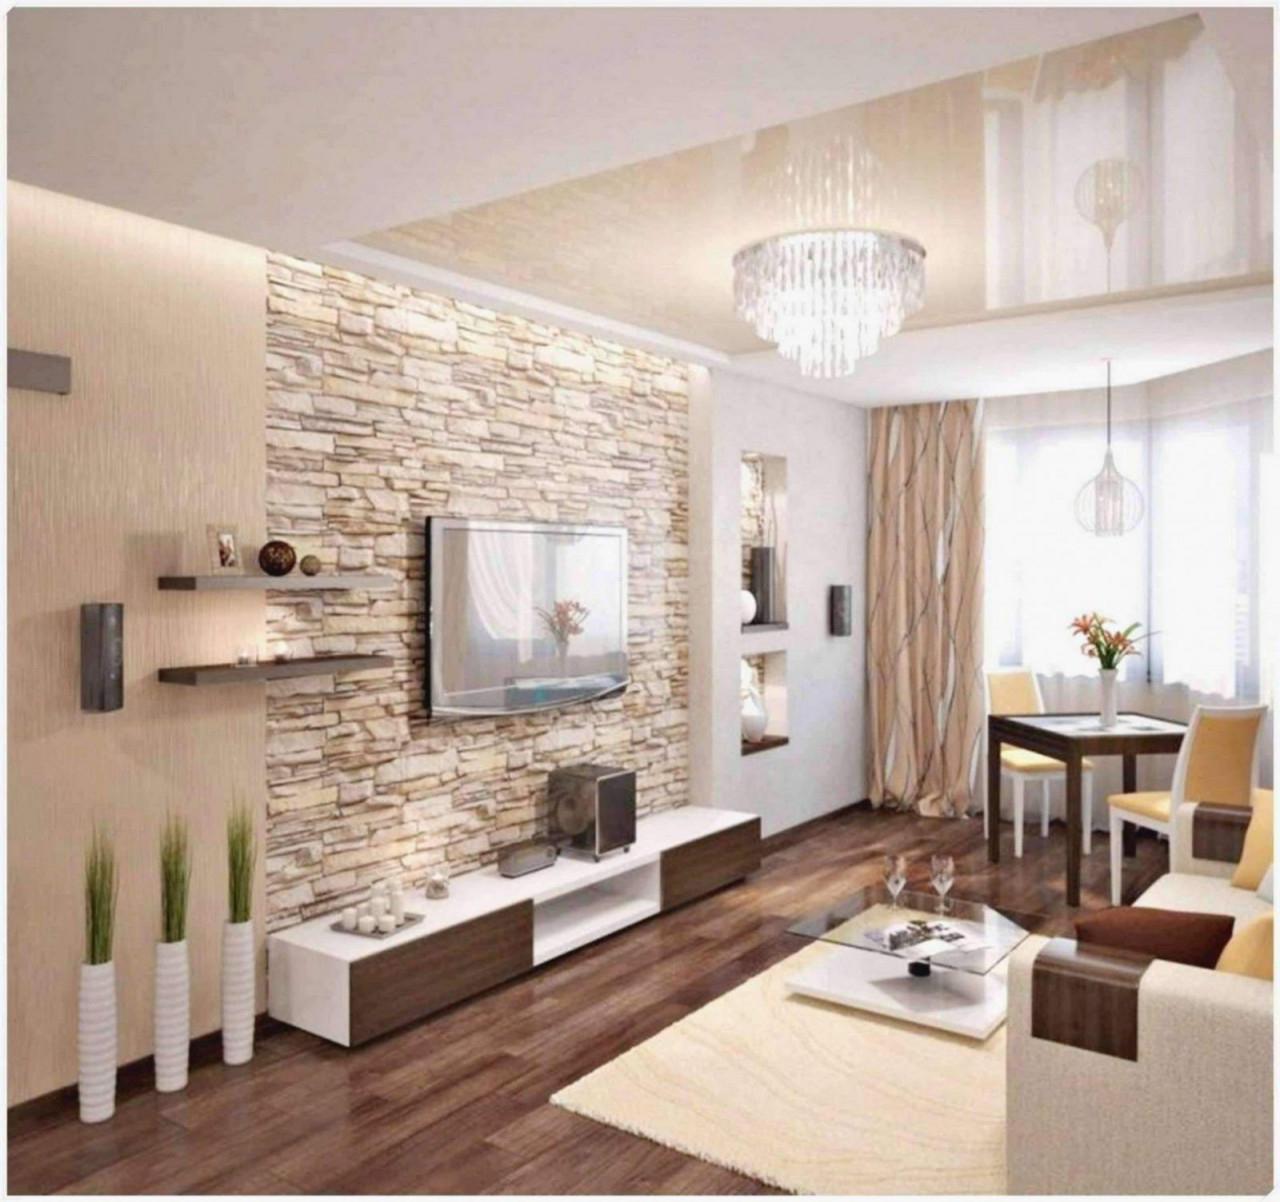 Beste Wohnzimmer Deko Wand Ideen von Wohnzimmer Deko Wand Bild